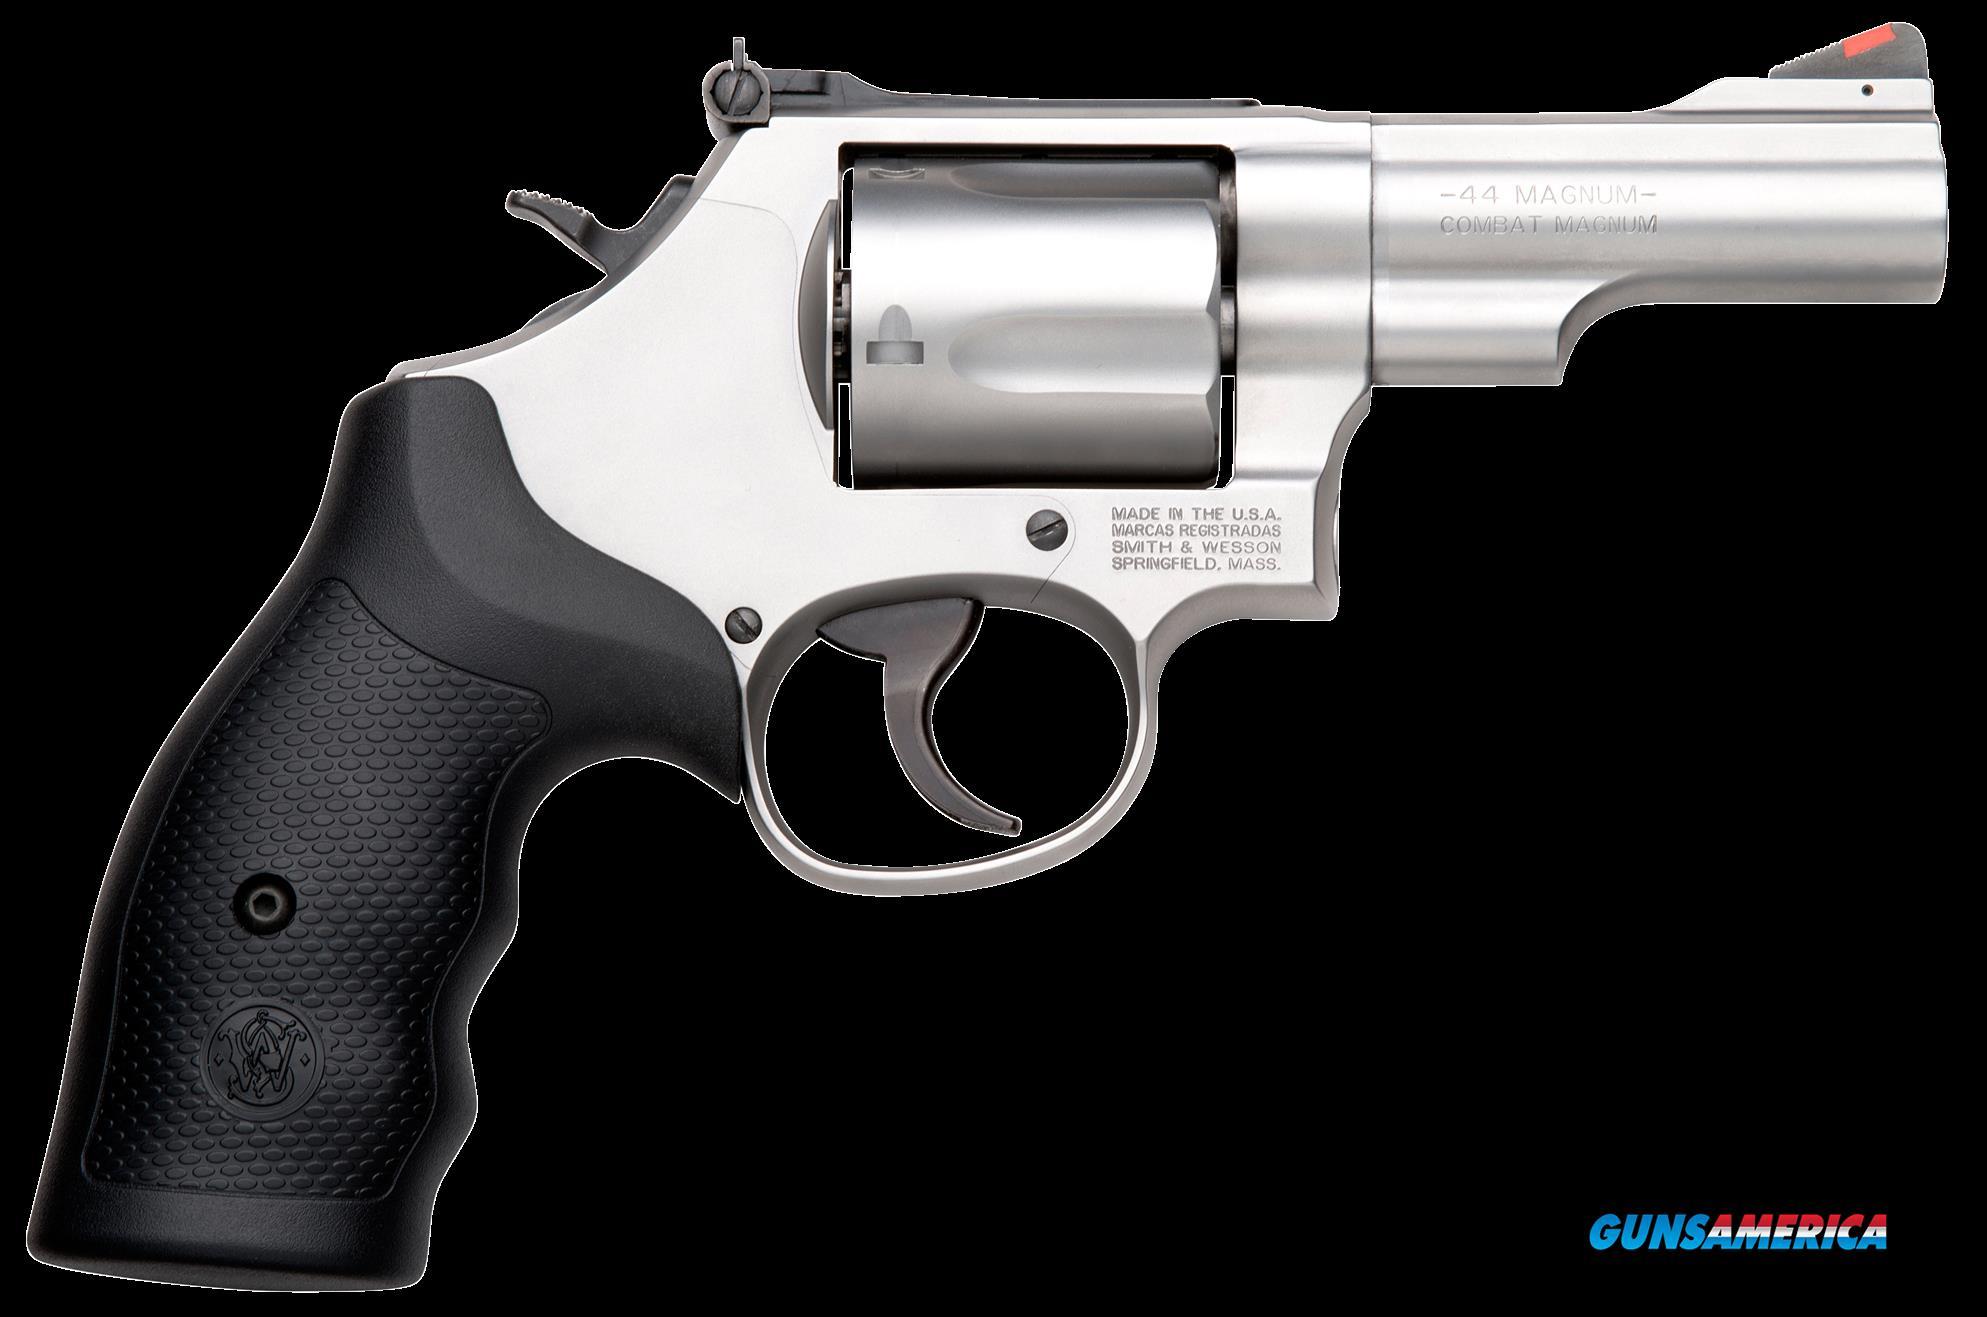 Smith & Wesson 69, S&w M69       10064  44m 2.75 Rrwo      Ss  Guns > Pistols > 1911 Pistol Copies (non-Colt)